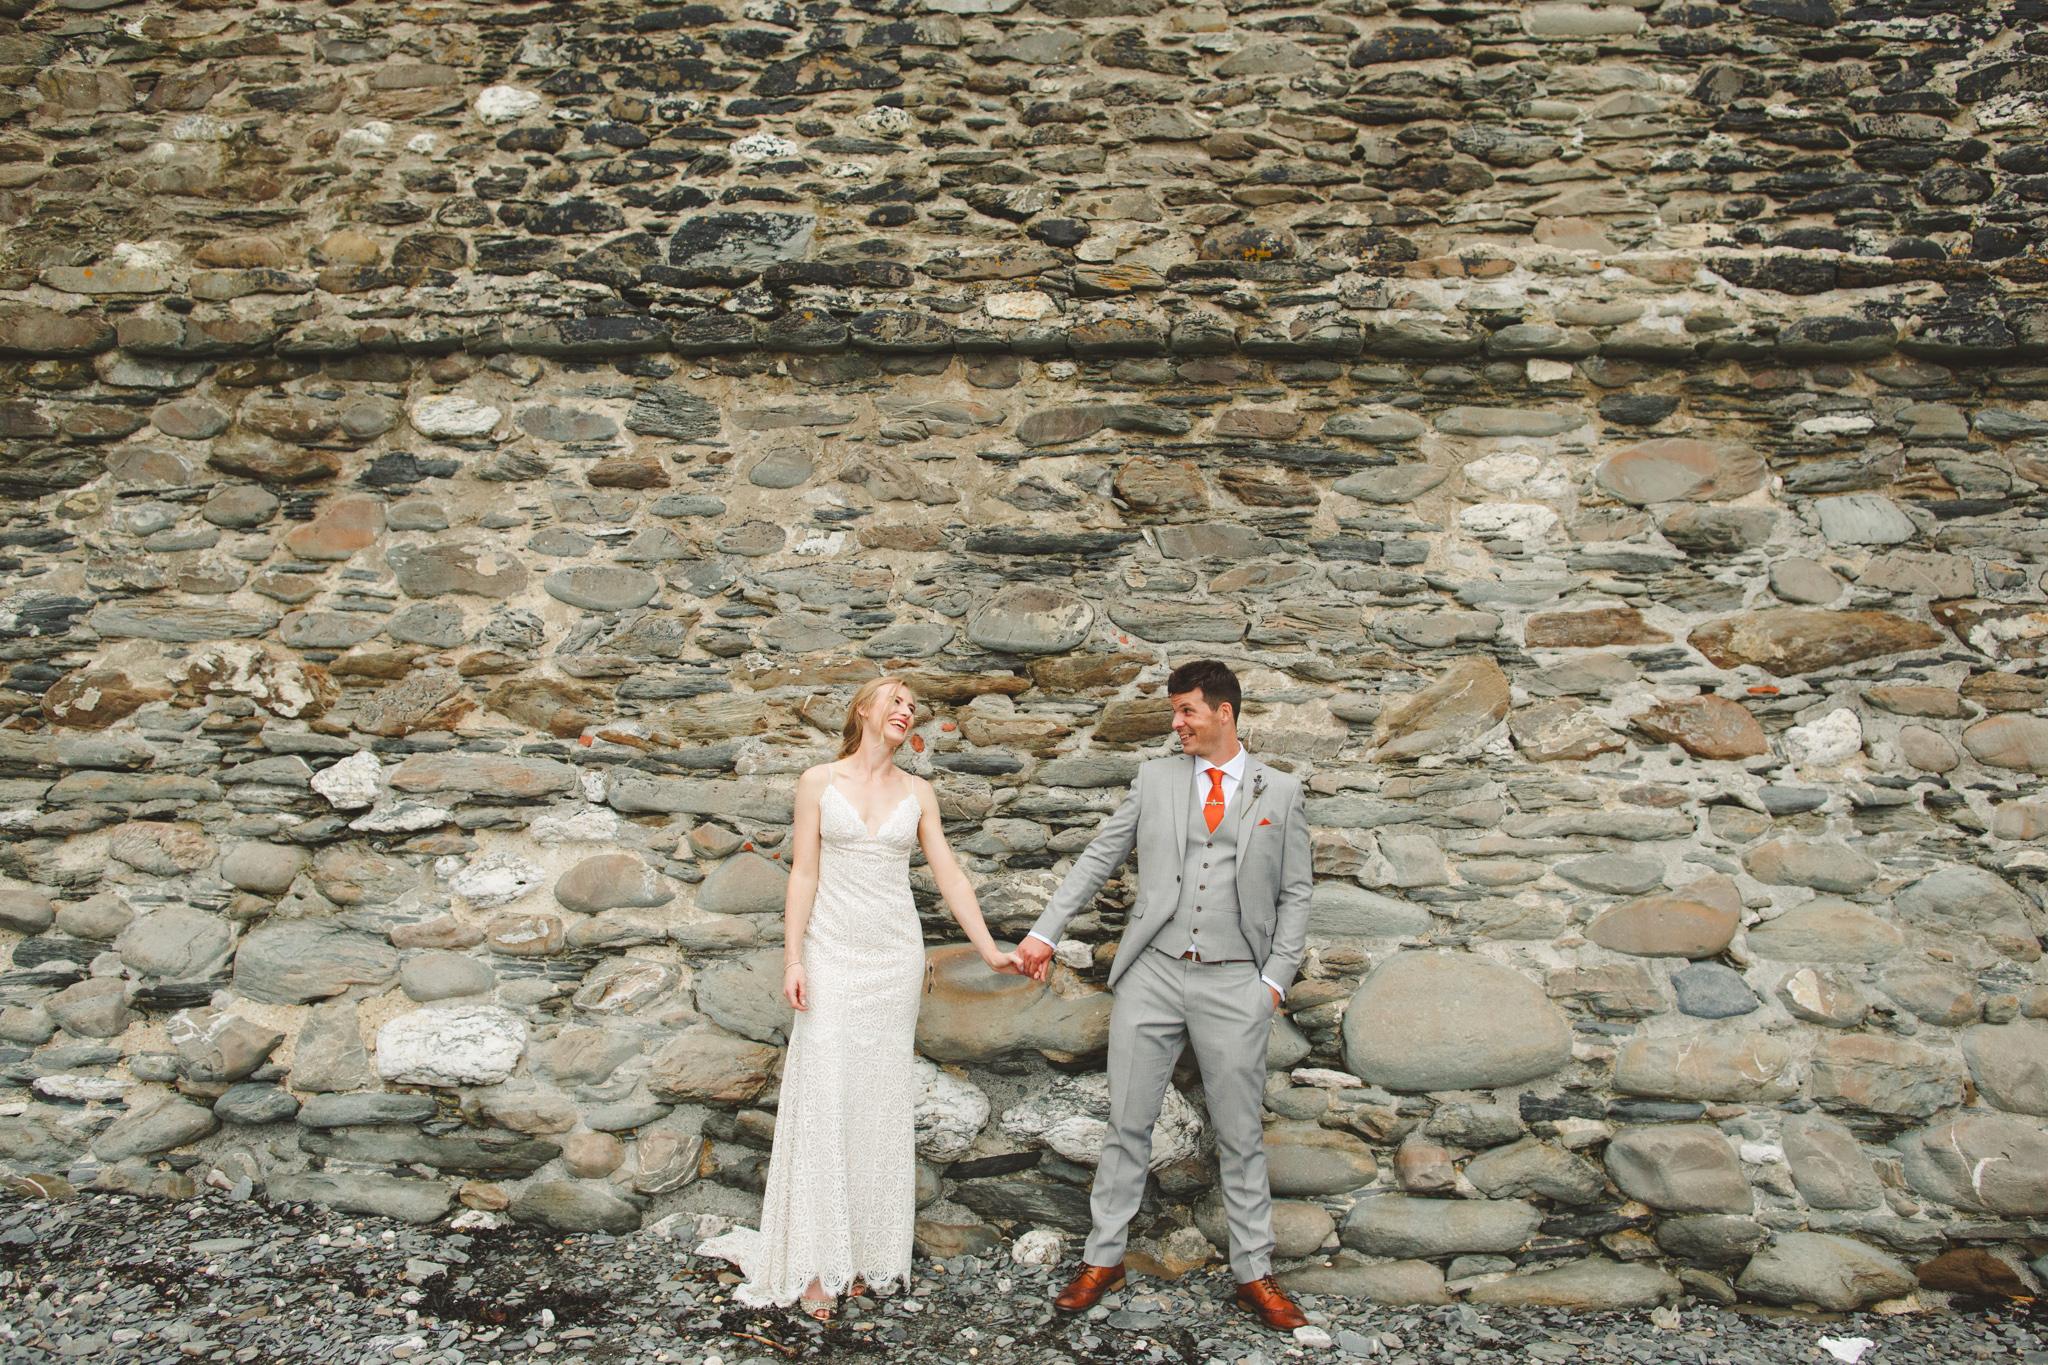 tunnels-beaches-devon-wedding-photography-46.jpg